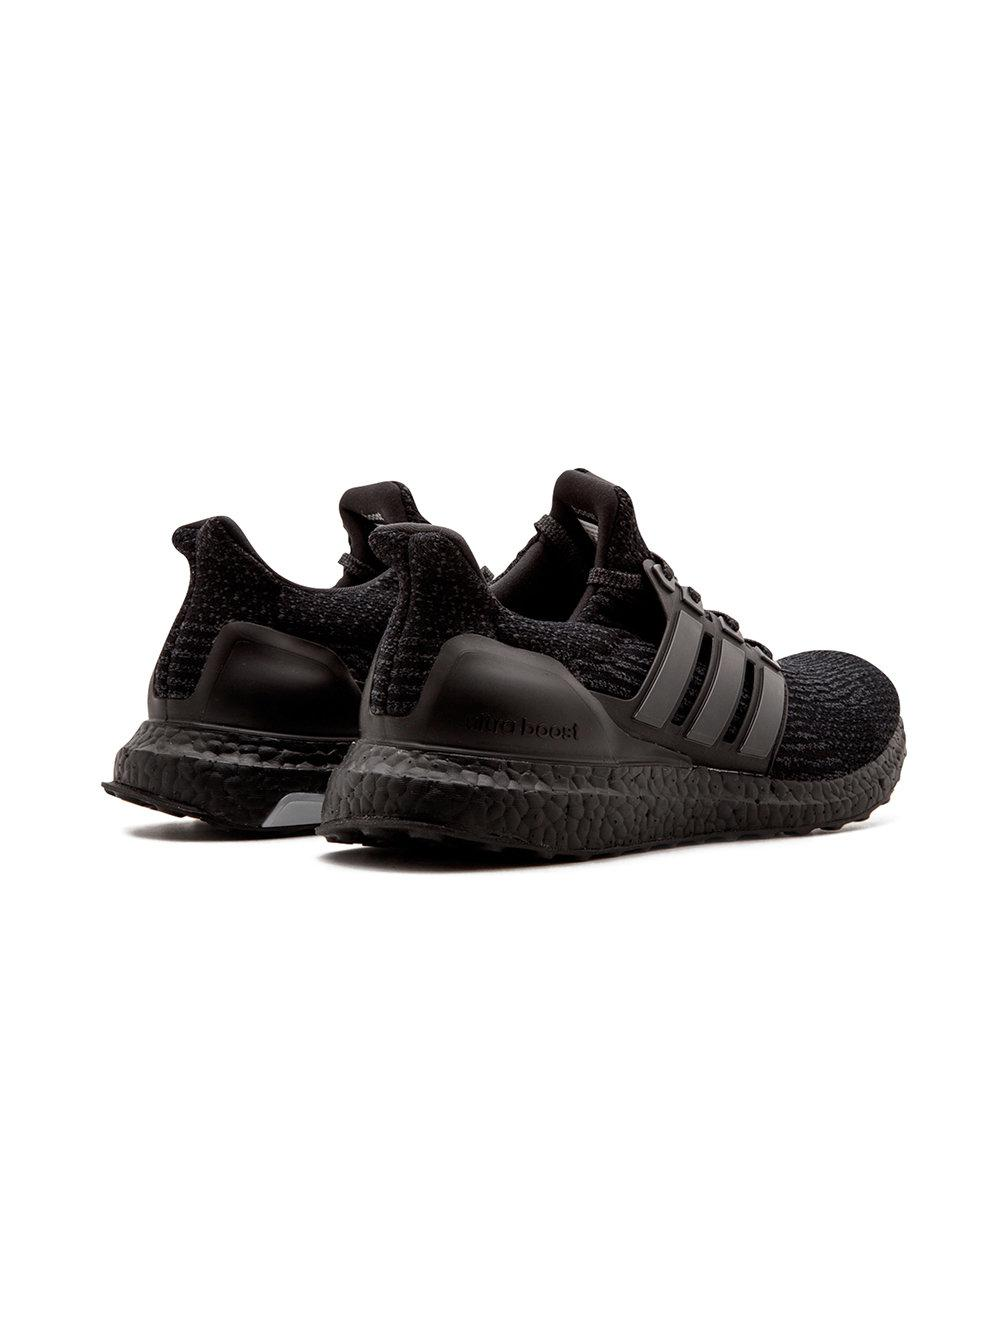 Baskets UltraBOOST Caoutchouc adidas pour homme en coloris Noir YzPZ